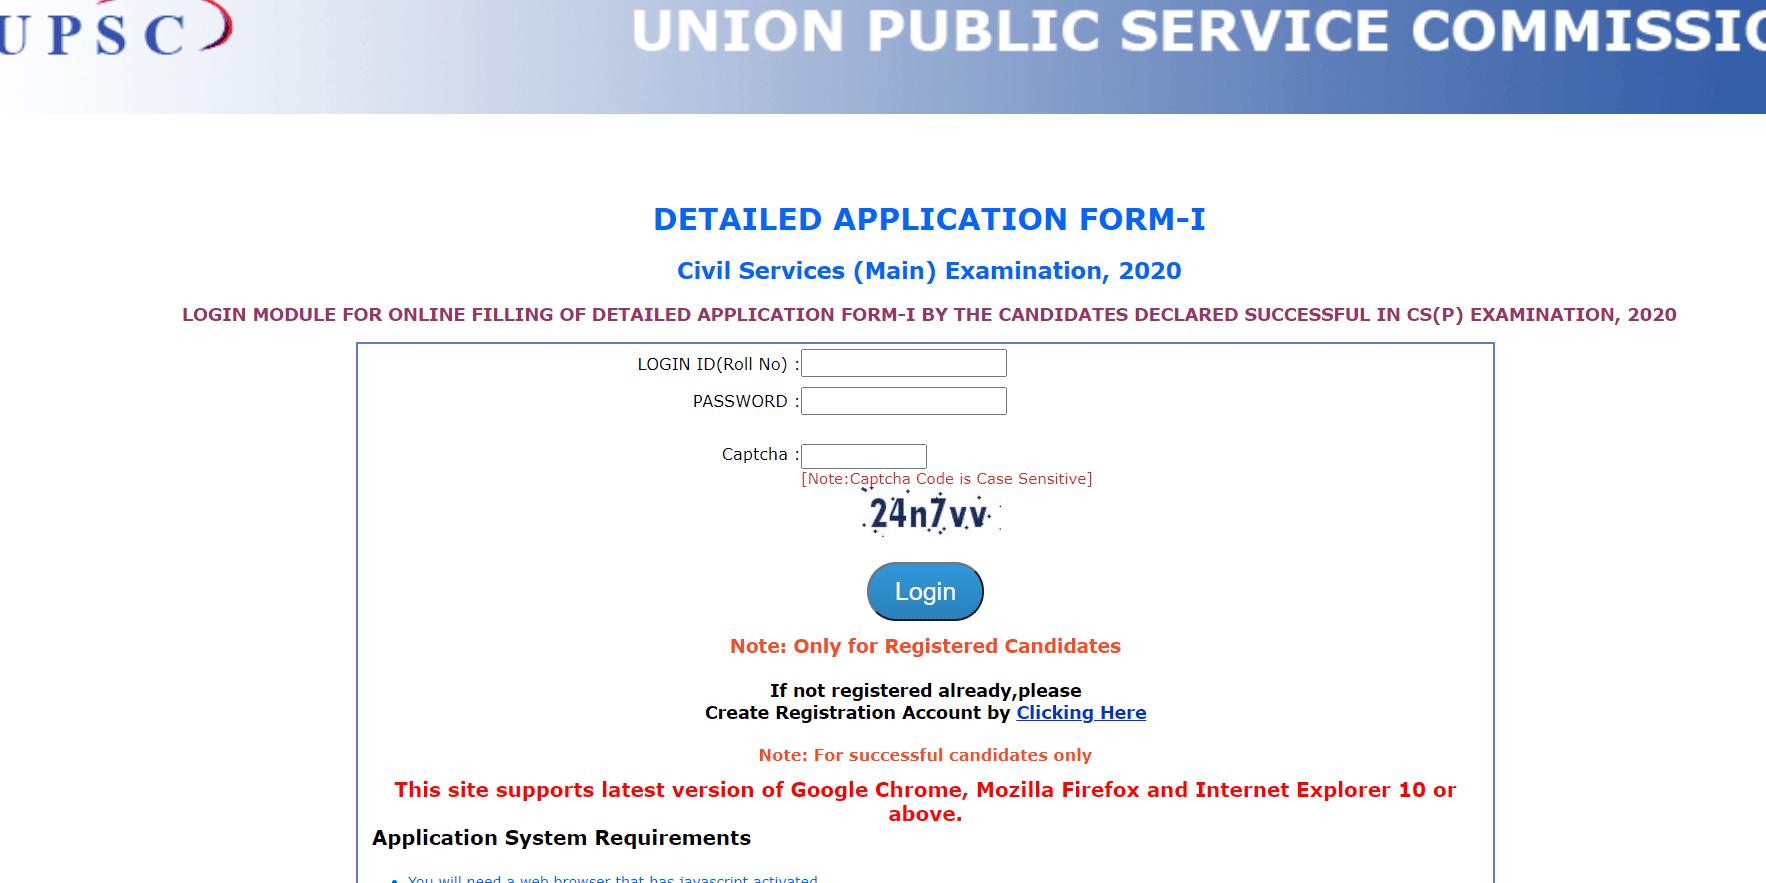 UPSC CSE 2020 DAF